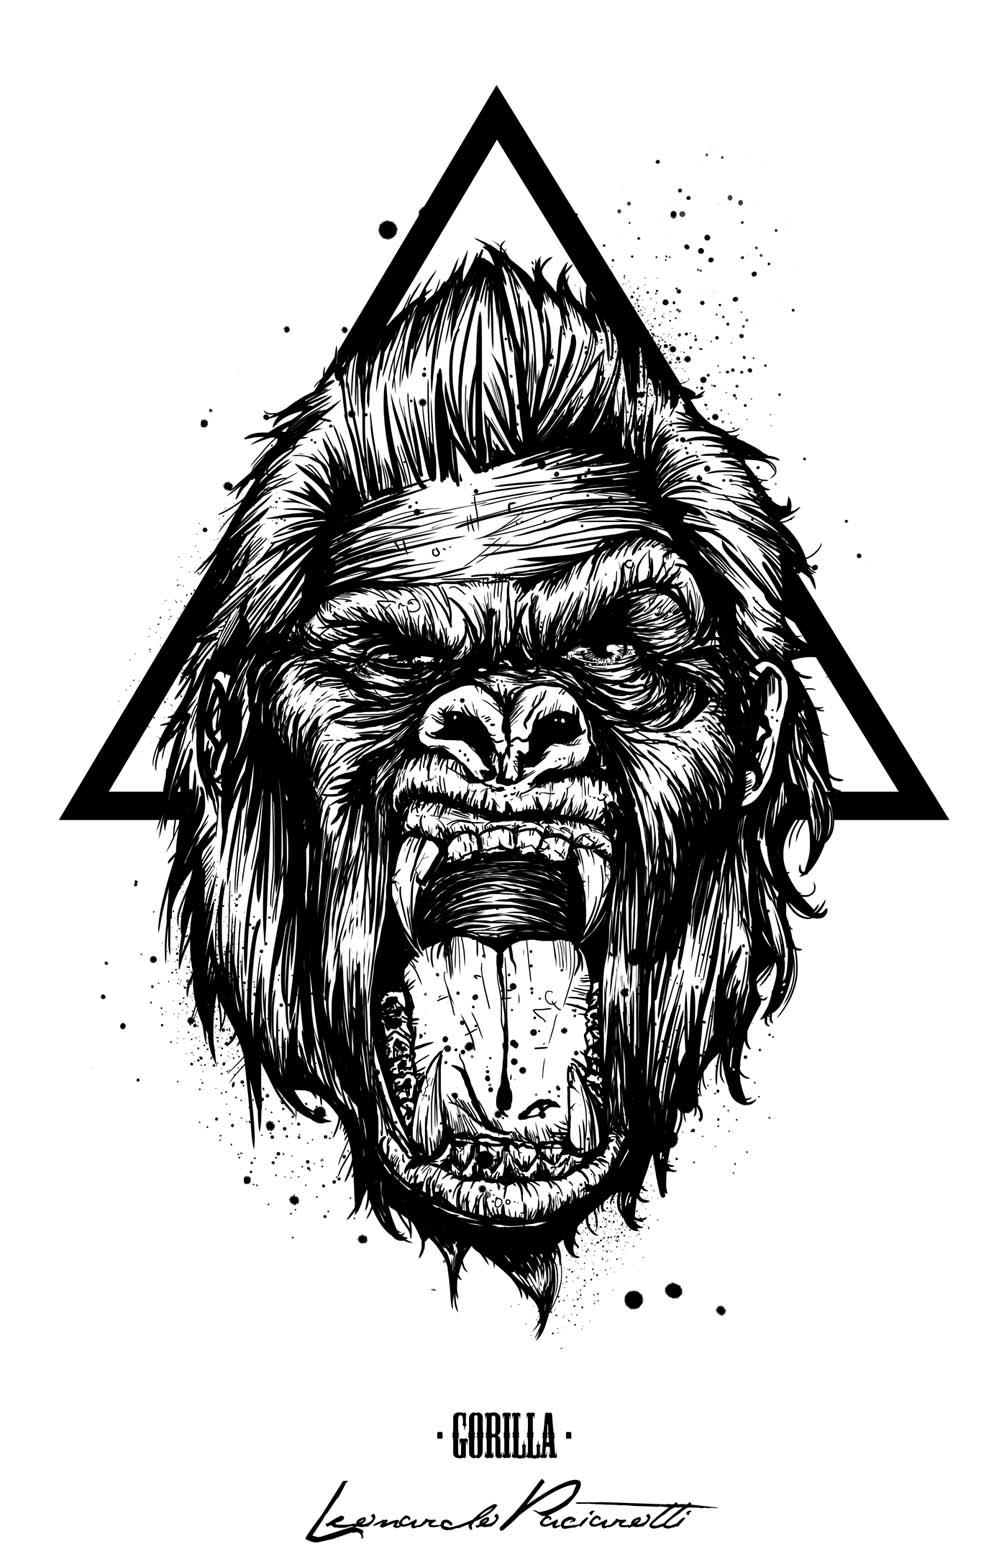 Leonardo Paciarotti [ LeoArtS ]: Gorilla. Levulture t ...